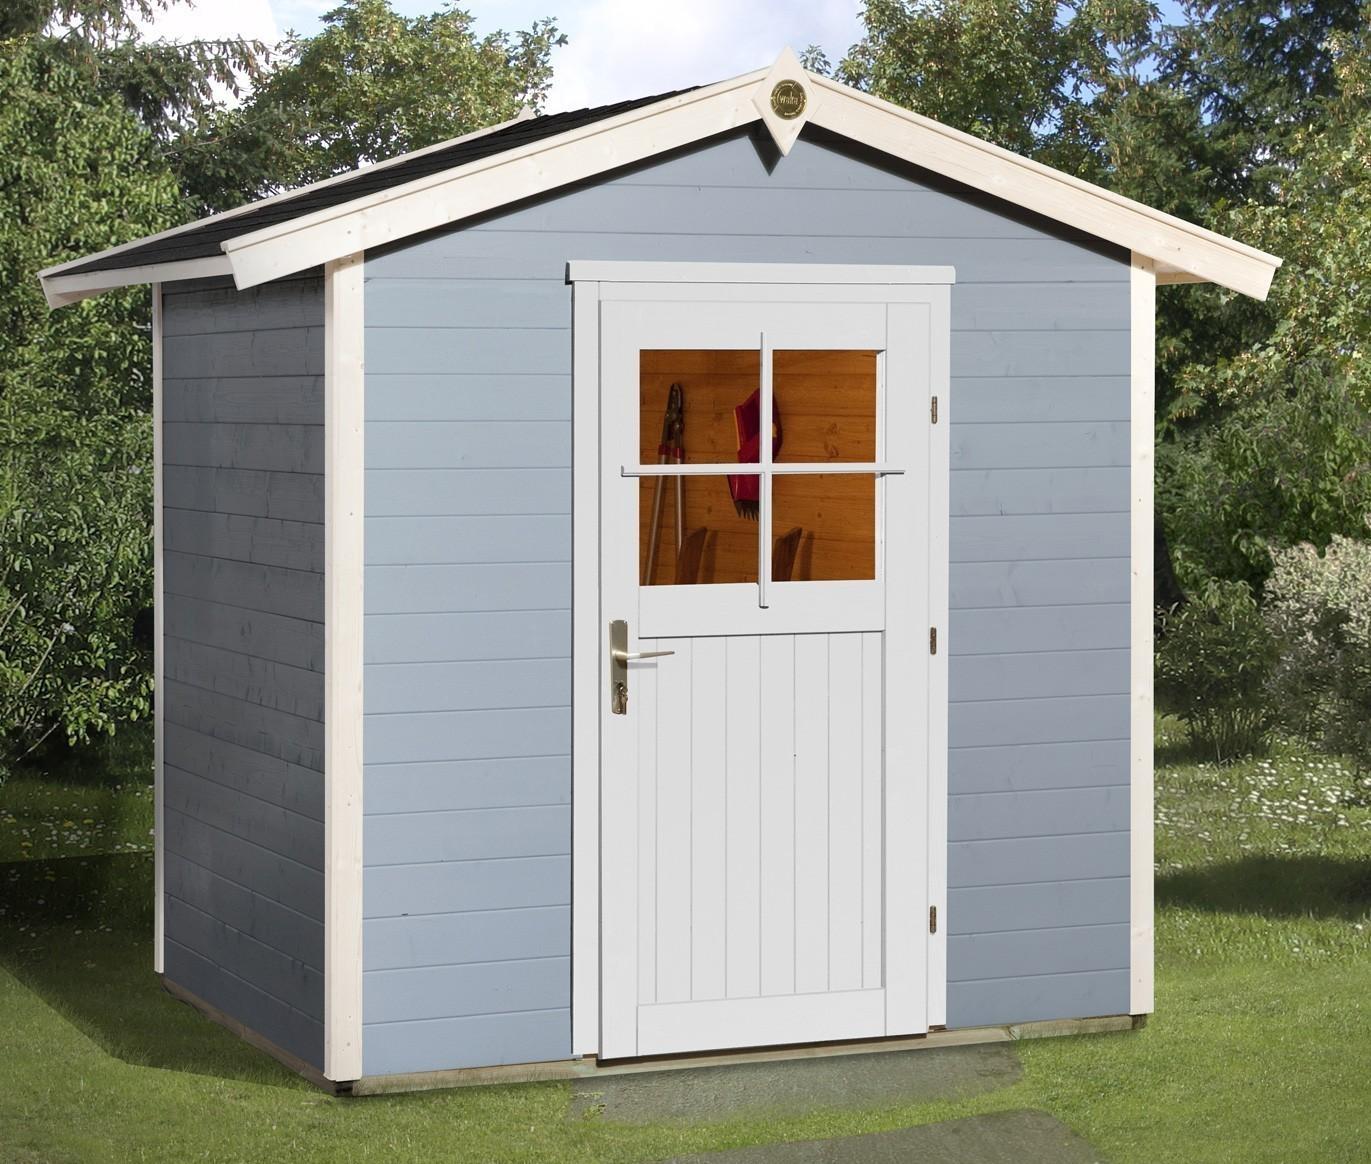 Weka Gerätehaus 21 mm Gartenhaus 223 Gr. 1 grau 260x174cm Bild 1